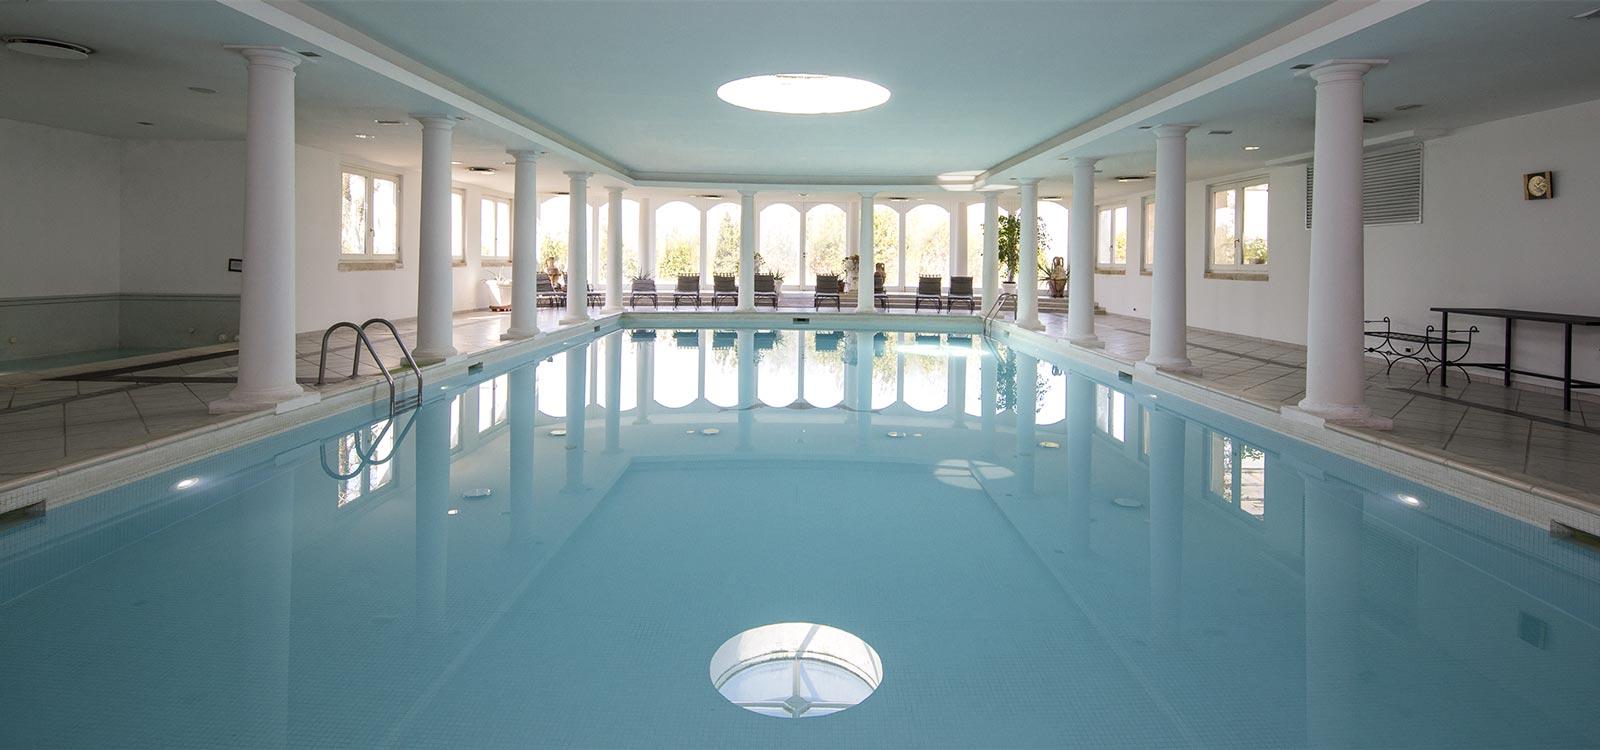 La Piscina del Resort Le Case a Macerata